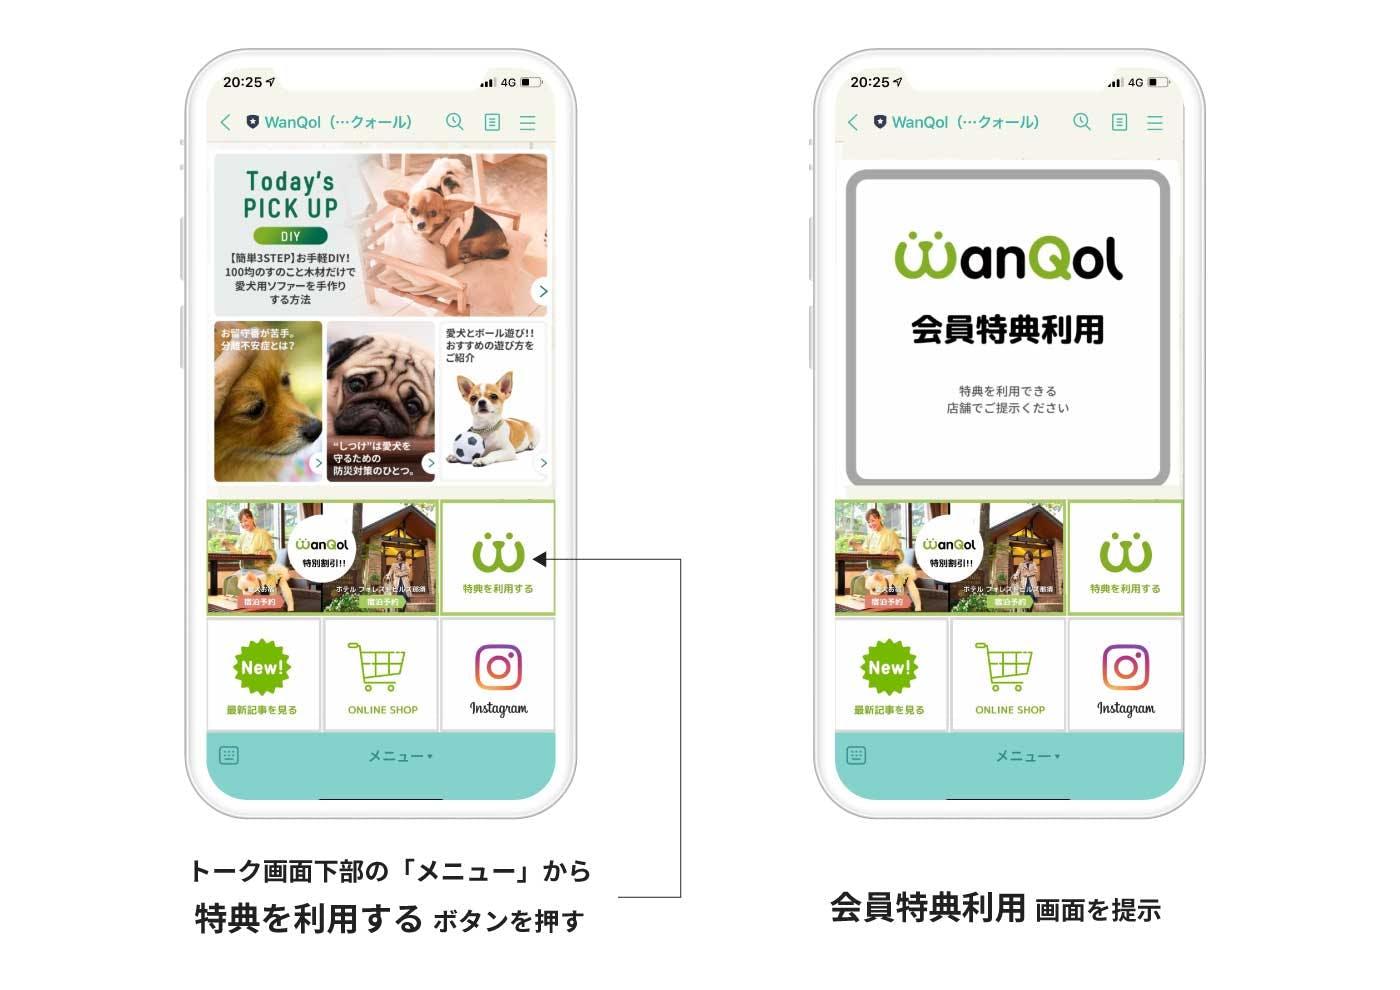 WanQol特典利用方法